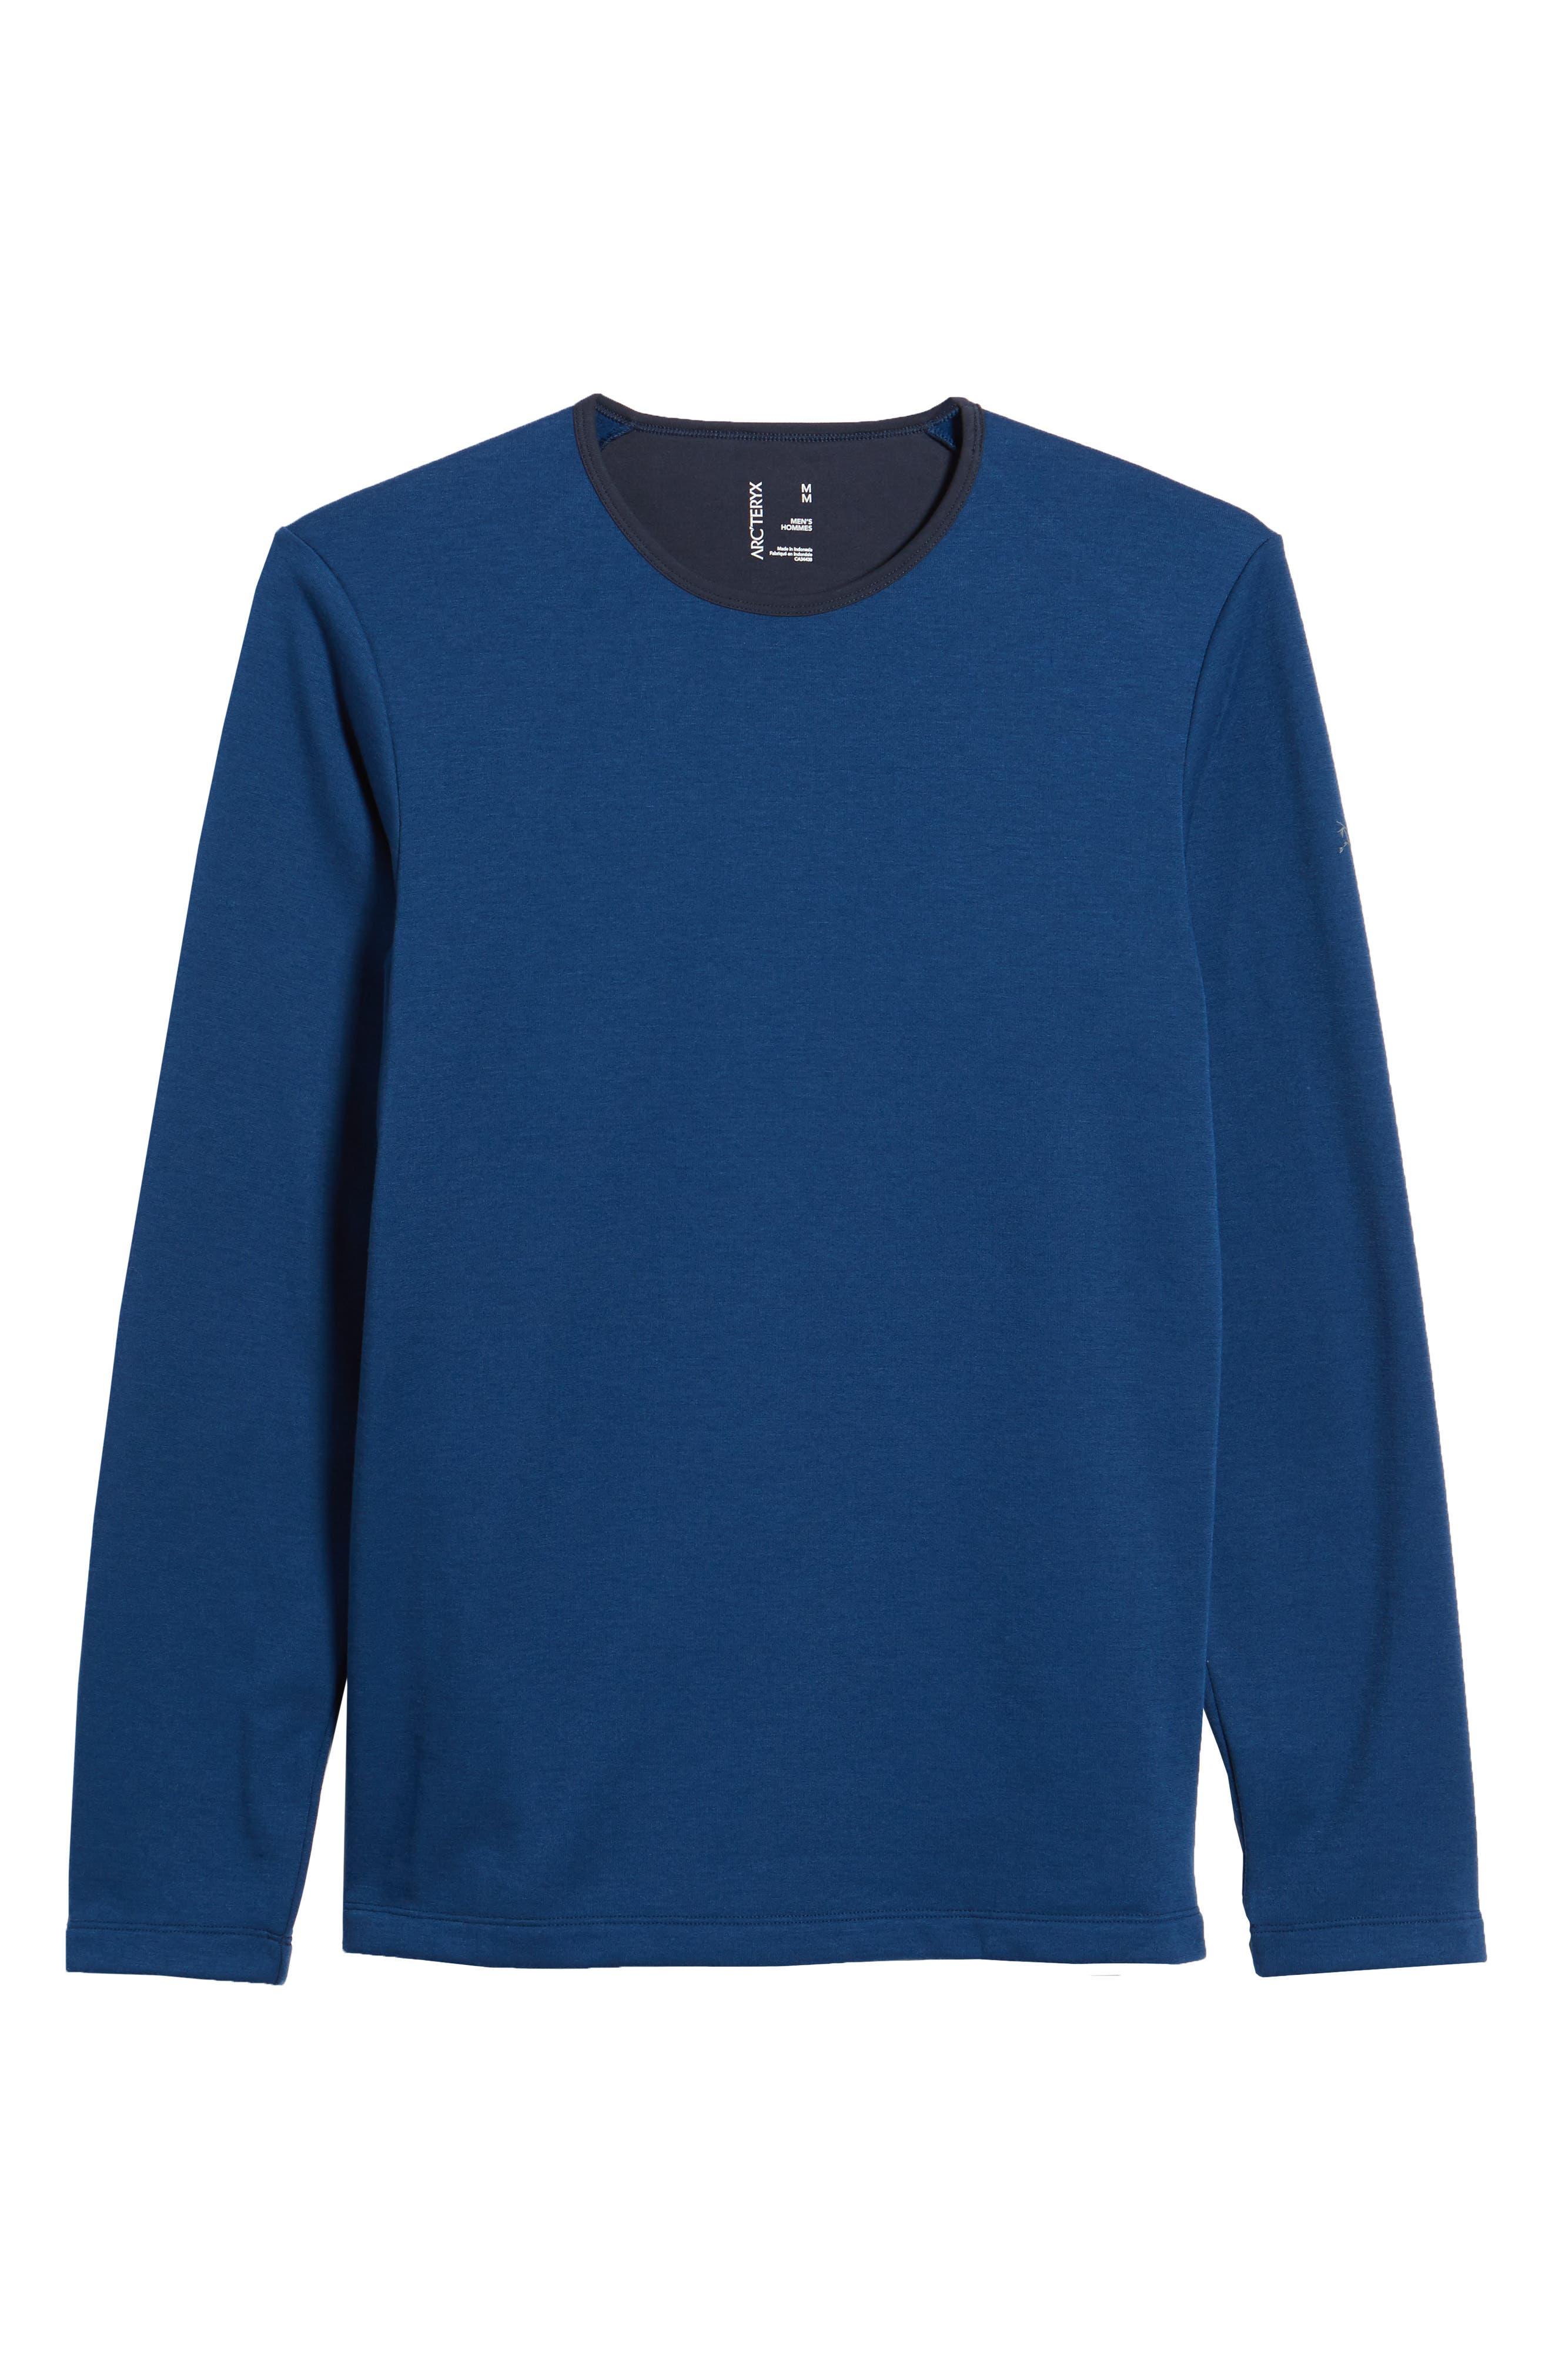 Dallen Sweatshirt,                             Alternate thumbnail 10, color,